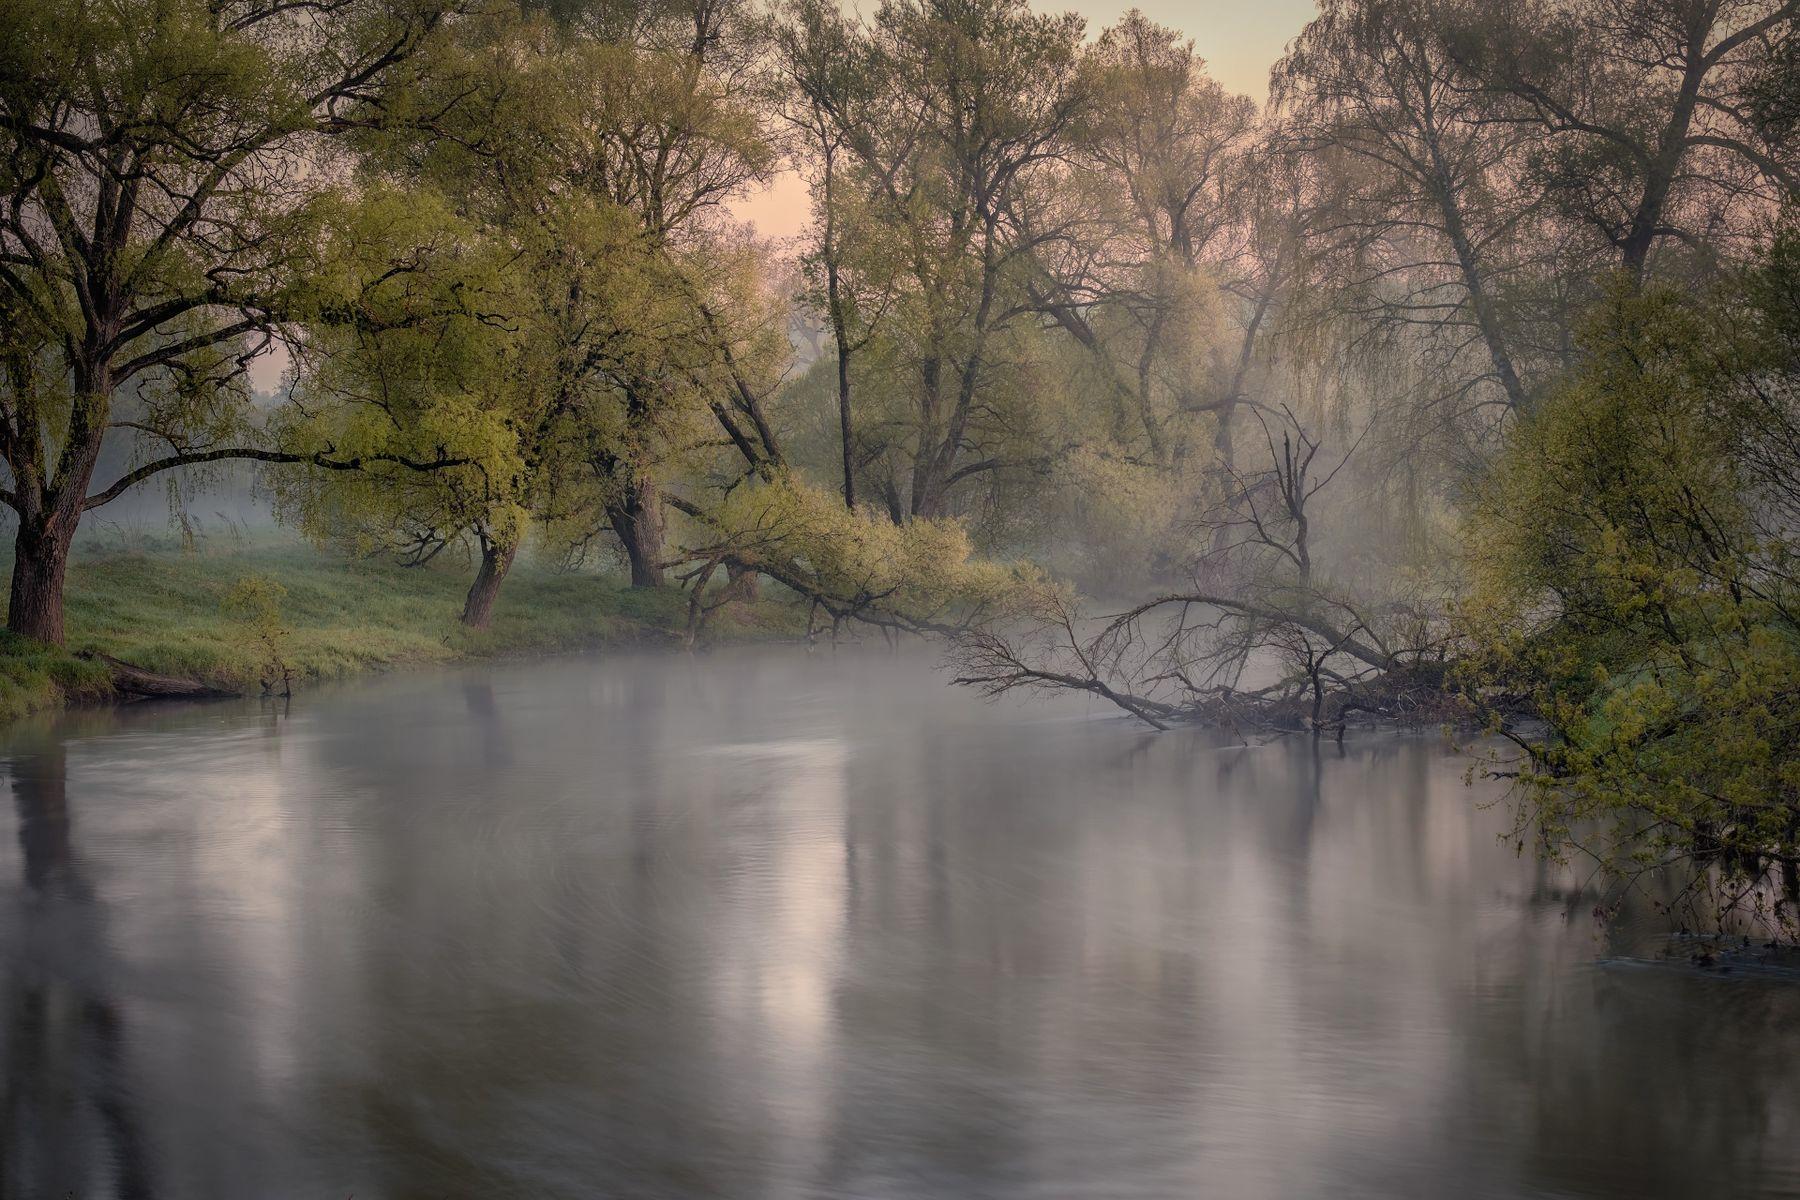 Хранители реки река истра утро деревья зелень поток рассвет вода пейзаж